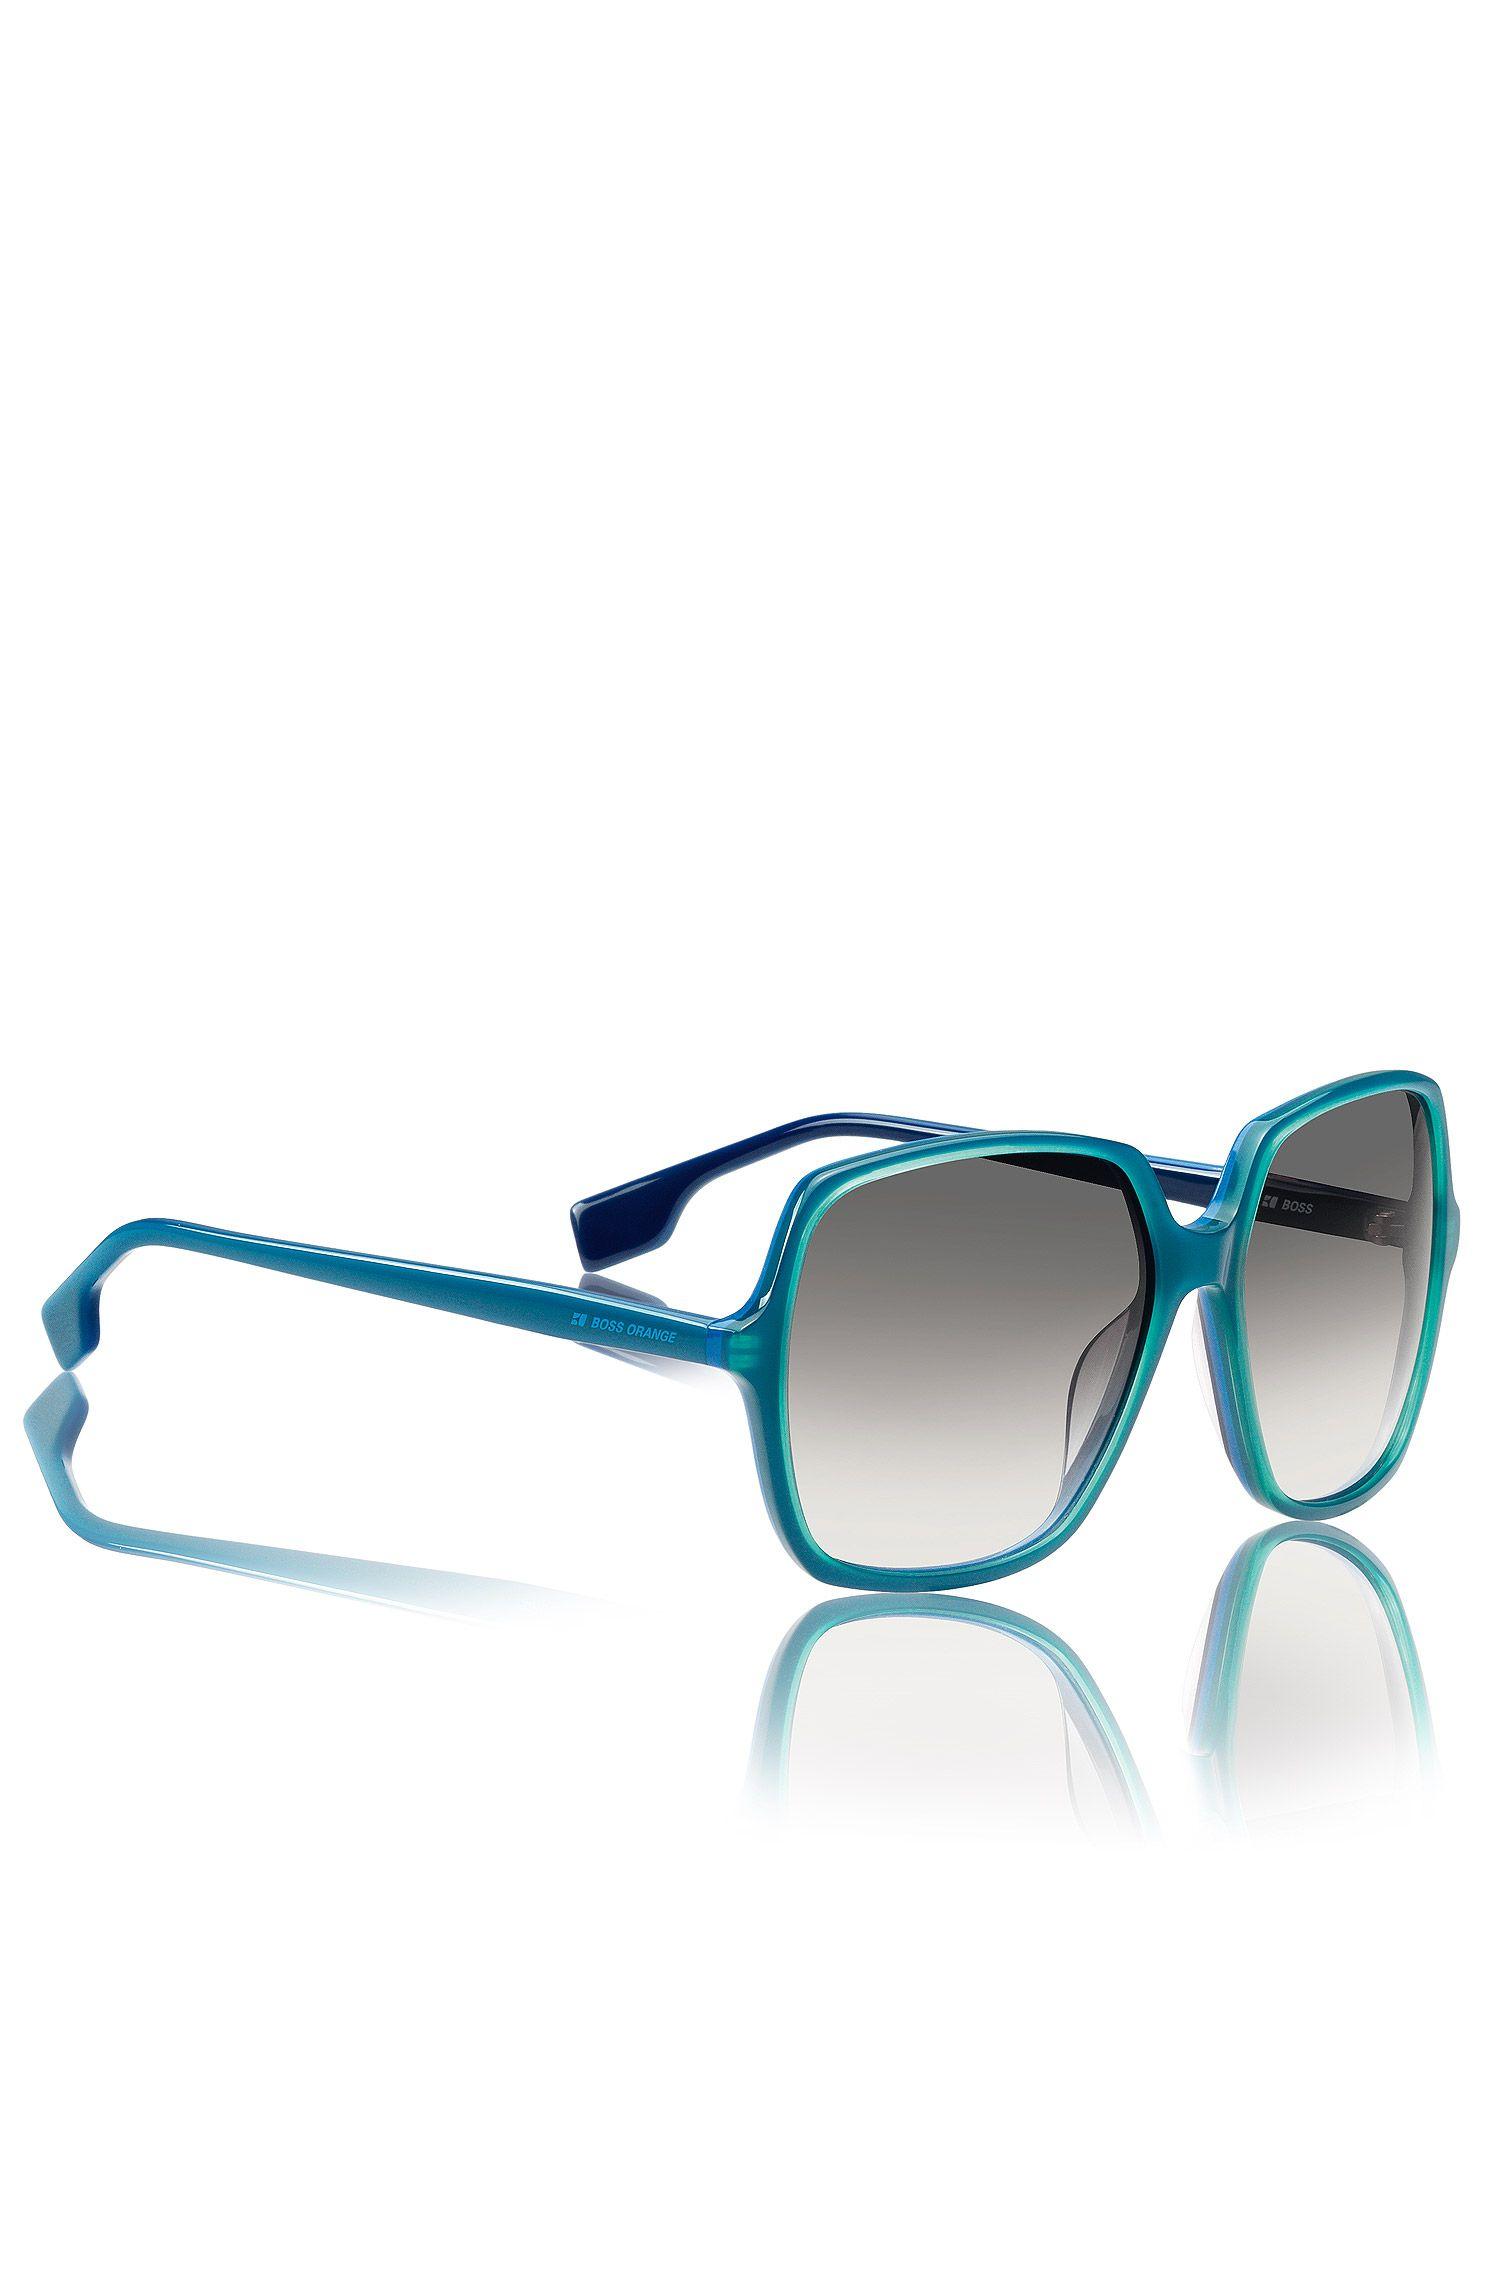 Damensonnenbrille ´BO 0033/S` im Retro-Look